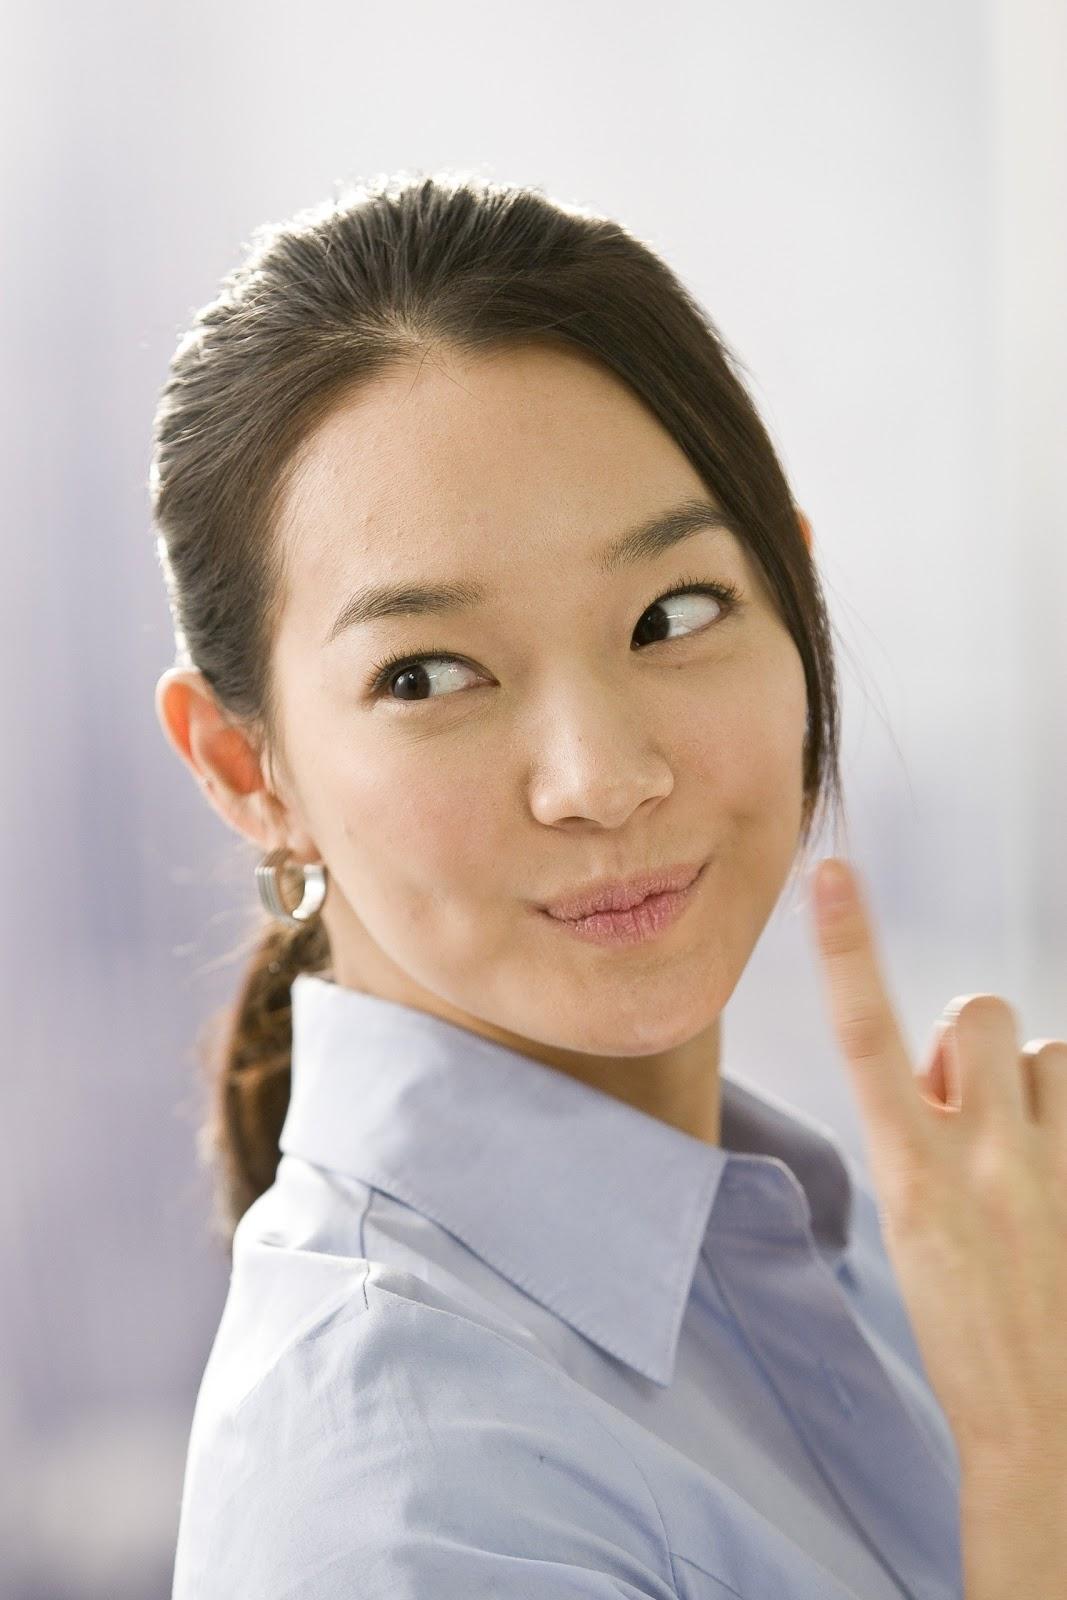 http://3.bp.blogspot.com/-tkho_tvW1TM/TyWFzJiHtlI/AAAAAAAAAVI/N3gOBUEKqoU/s1600/shin+m+a+xnote+1.JPG